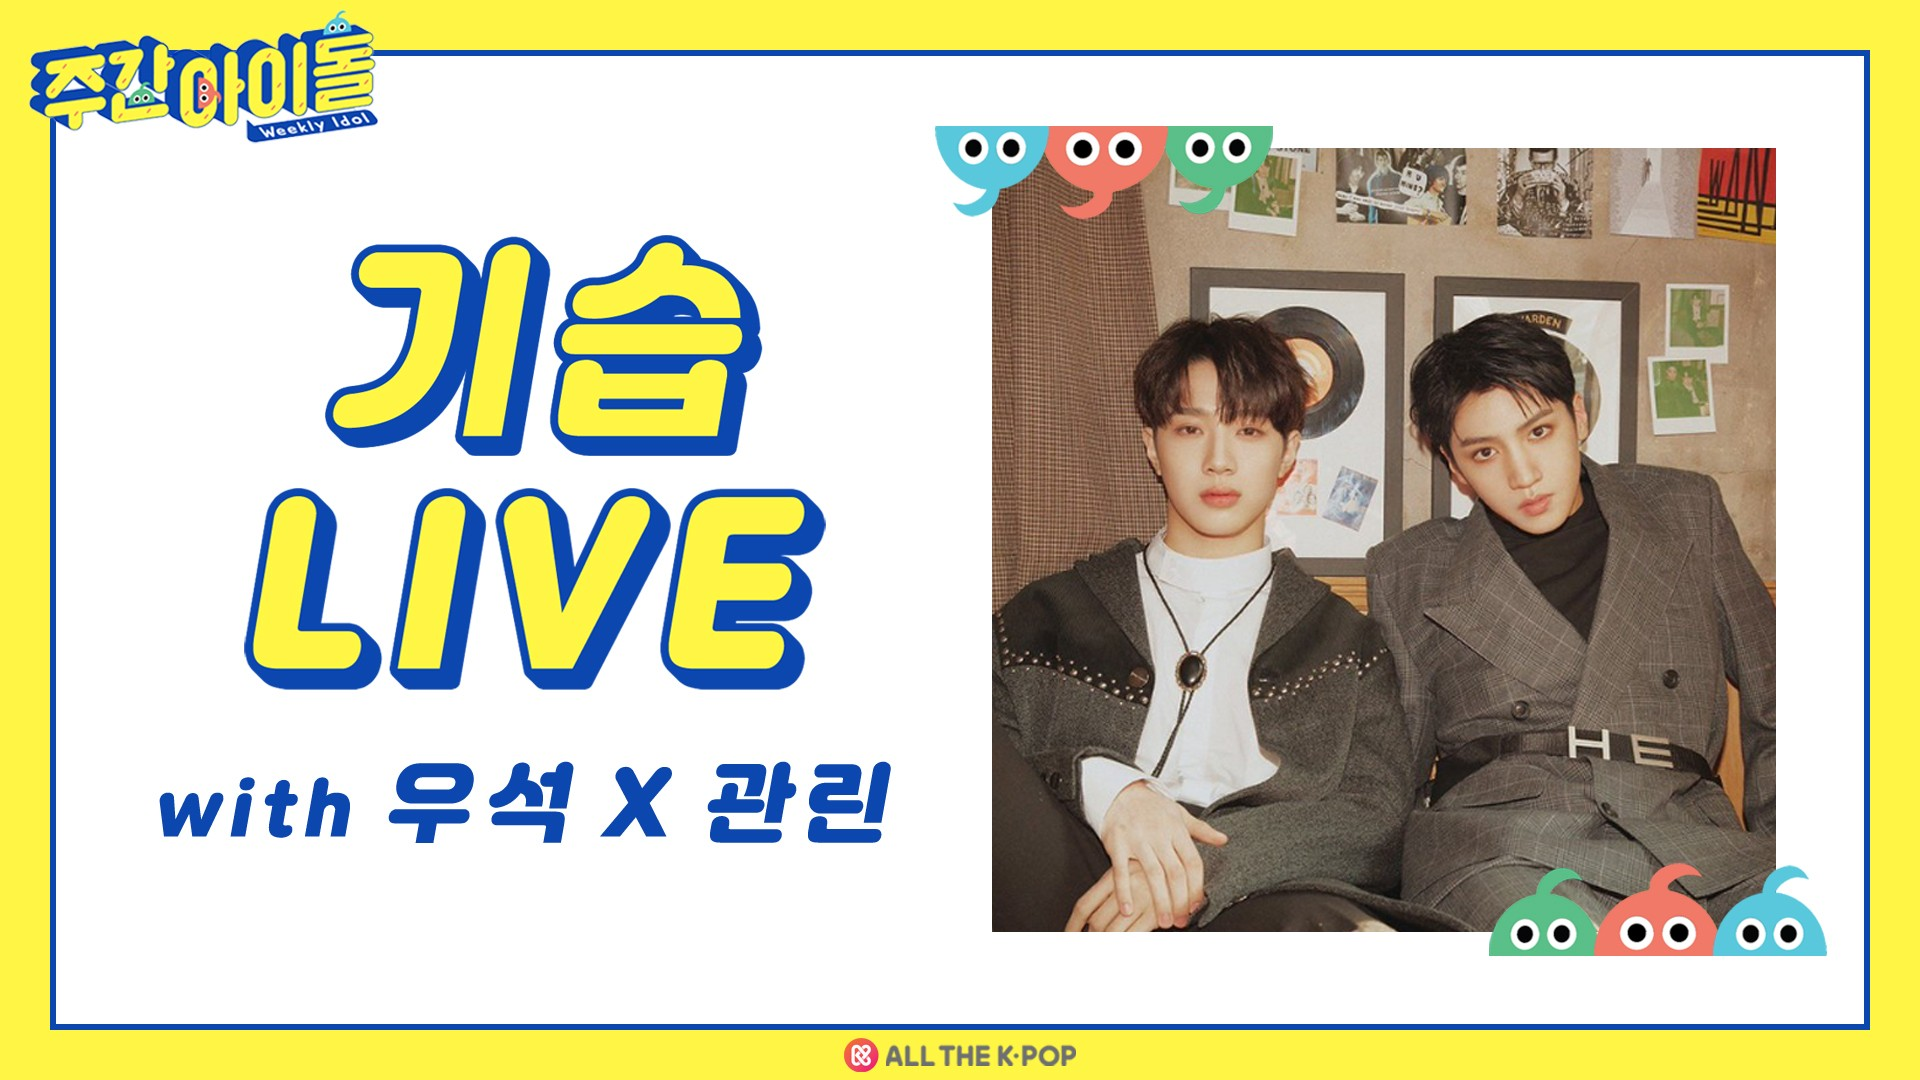 [주간아이돌] 기습 LIVE with 우석X관린(WOOSEOKXKUANLIN)